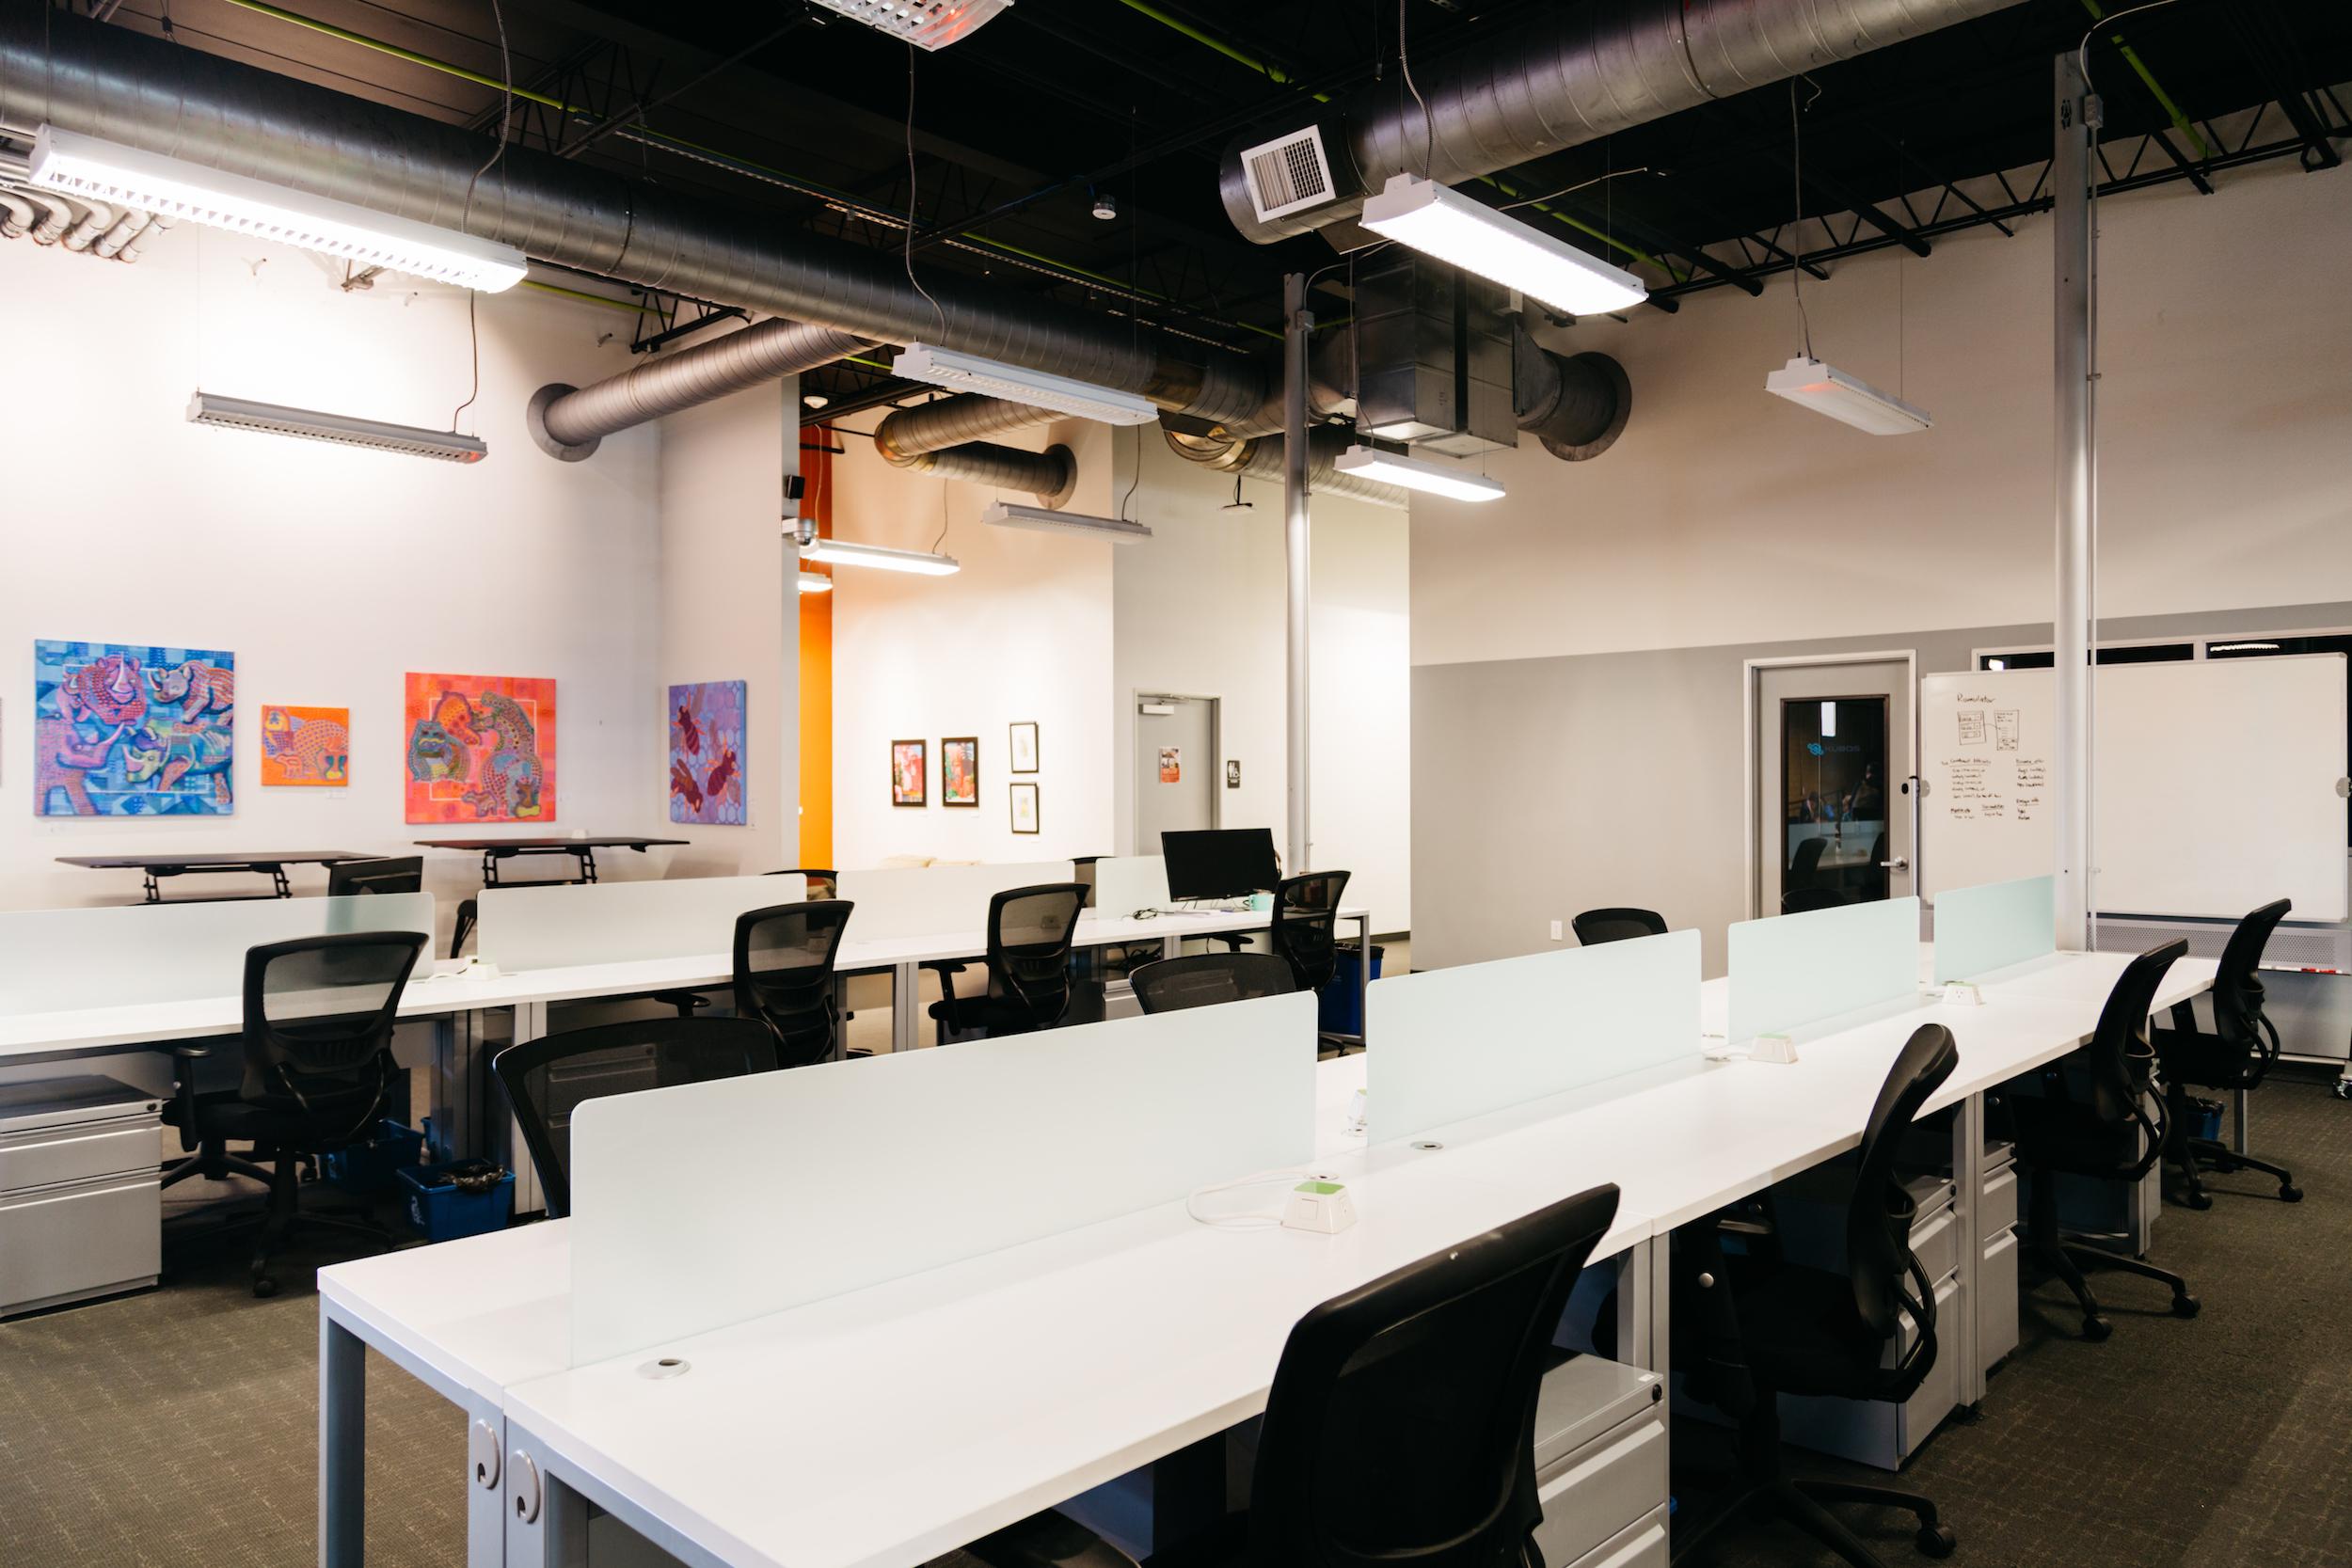 Dedicated deskspace